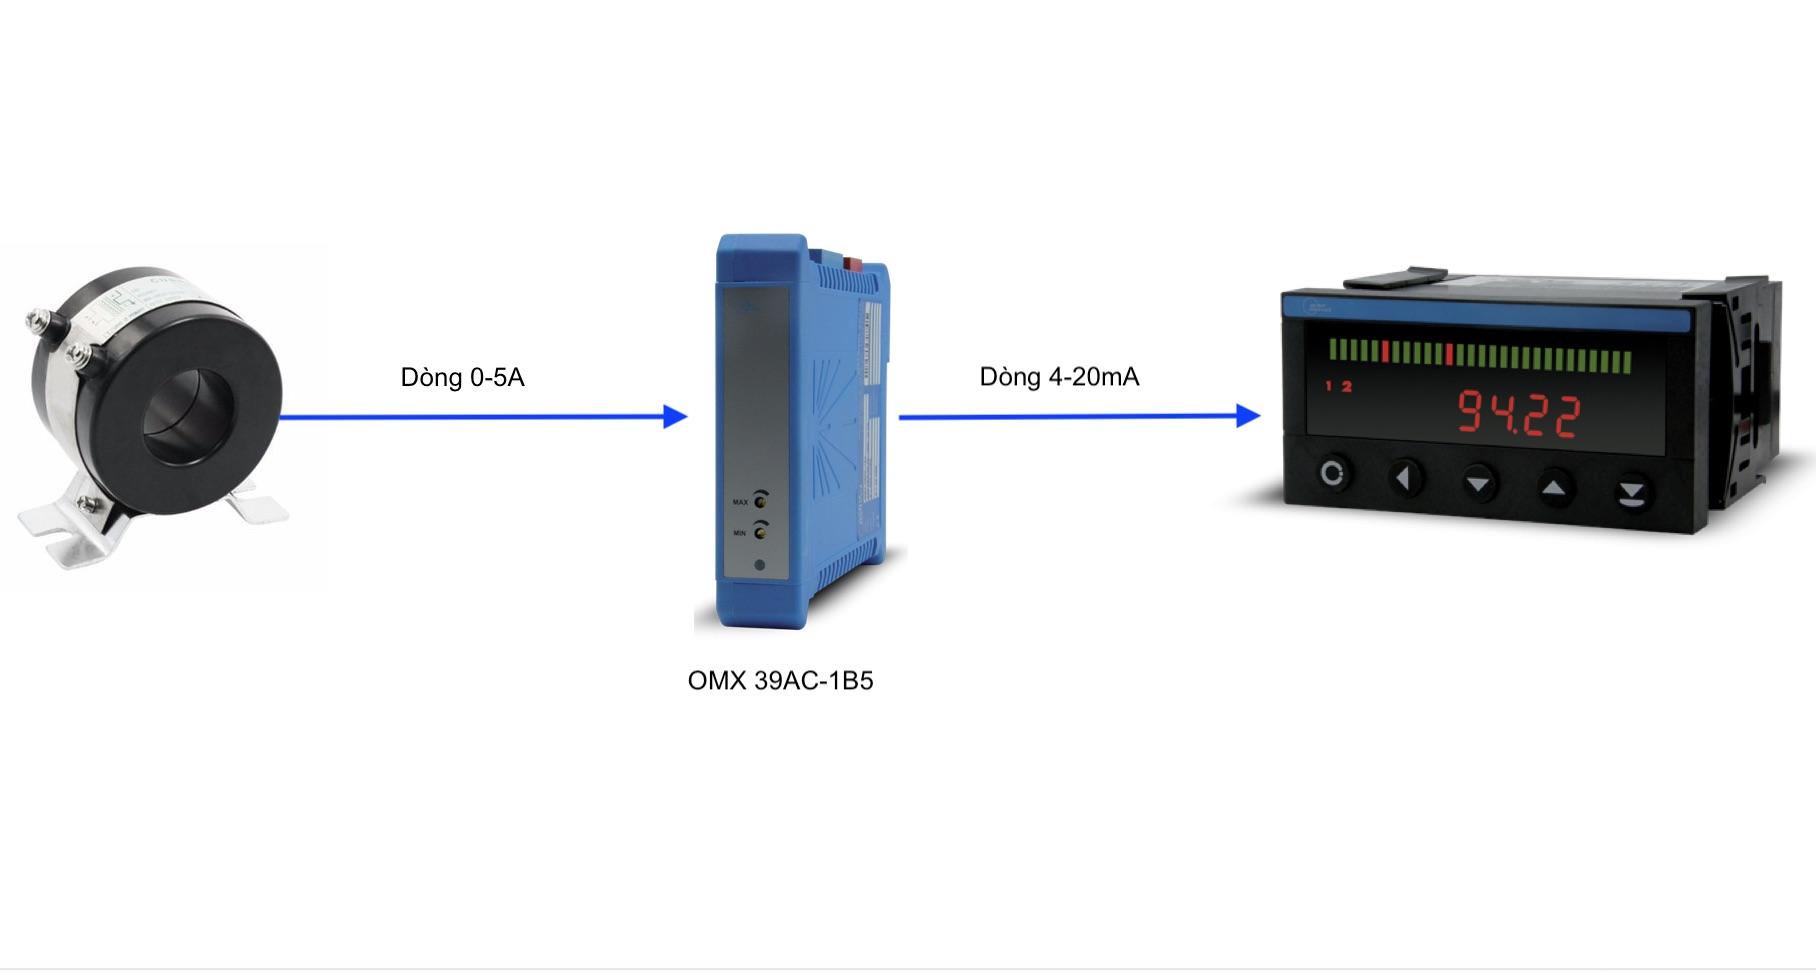 Ứng dụng Ứng dụng Bộ chuyển dòng điện 0-5A sang 4-20mA với bộ hiển thị